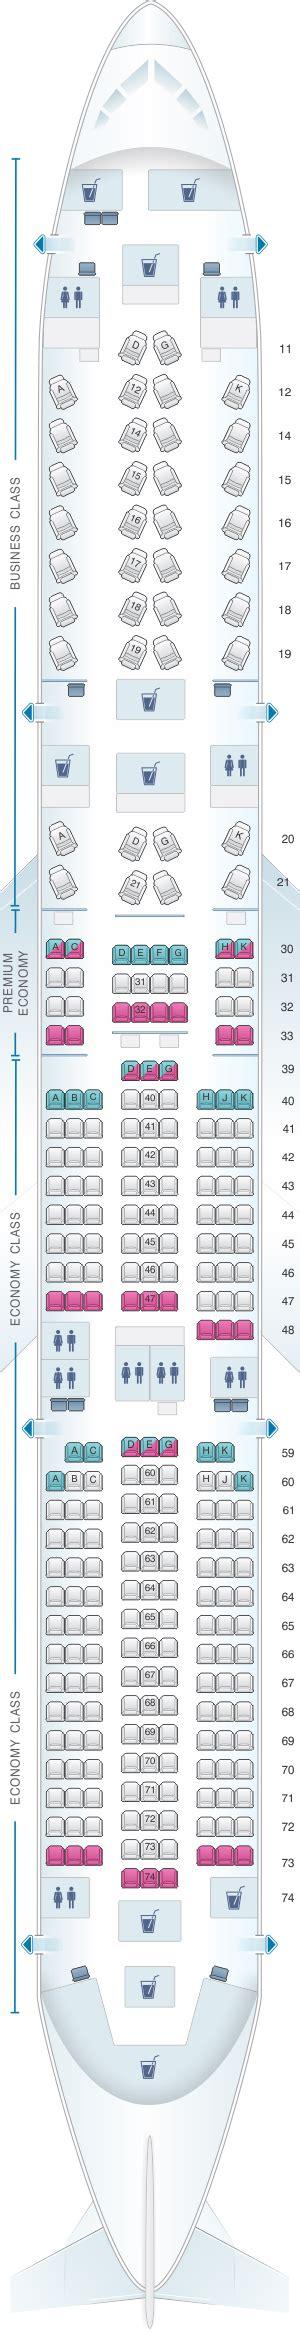 cathay pacific seat map seat map cathay pacific airways airbus a350 900 35g